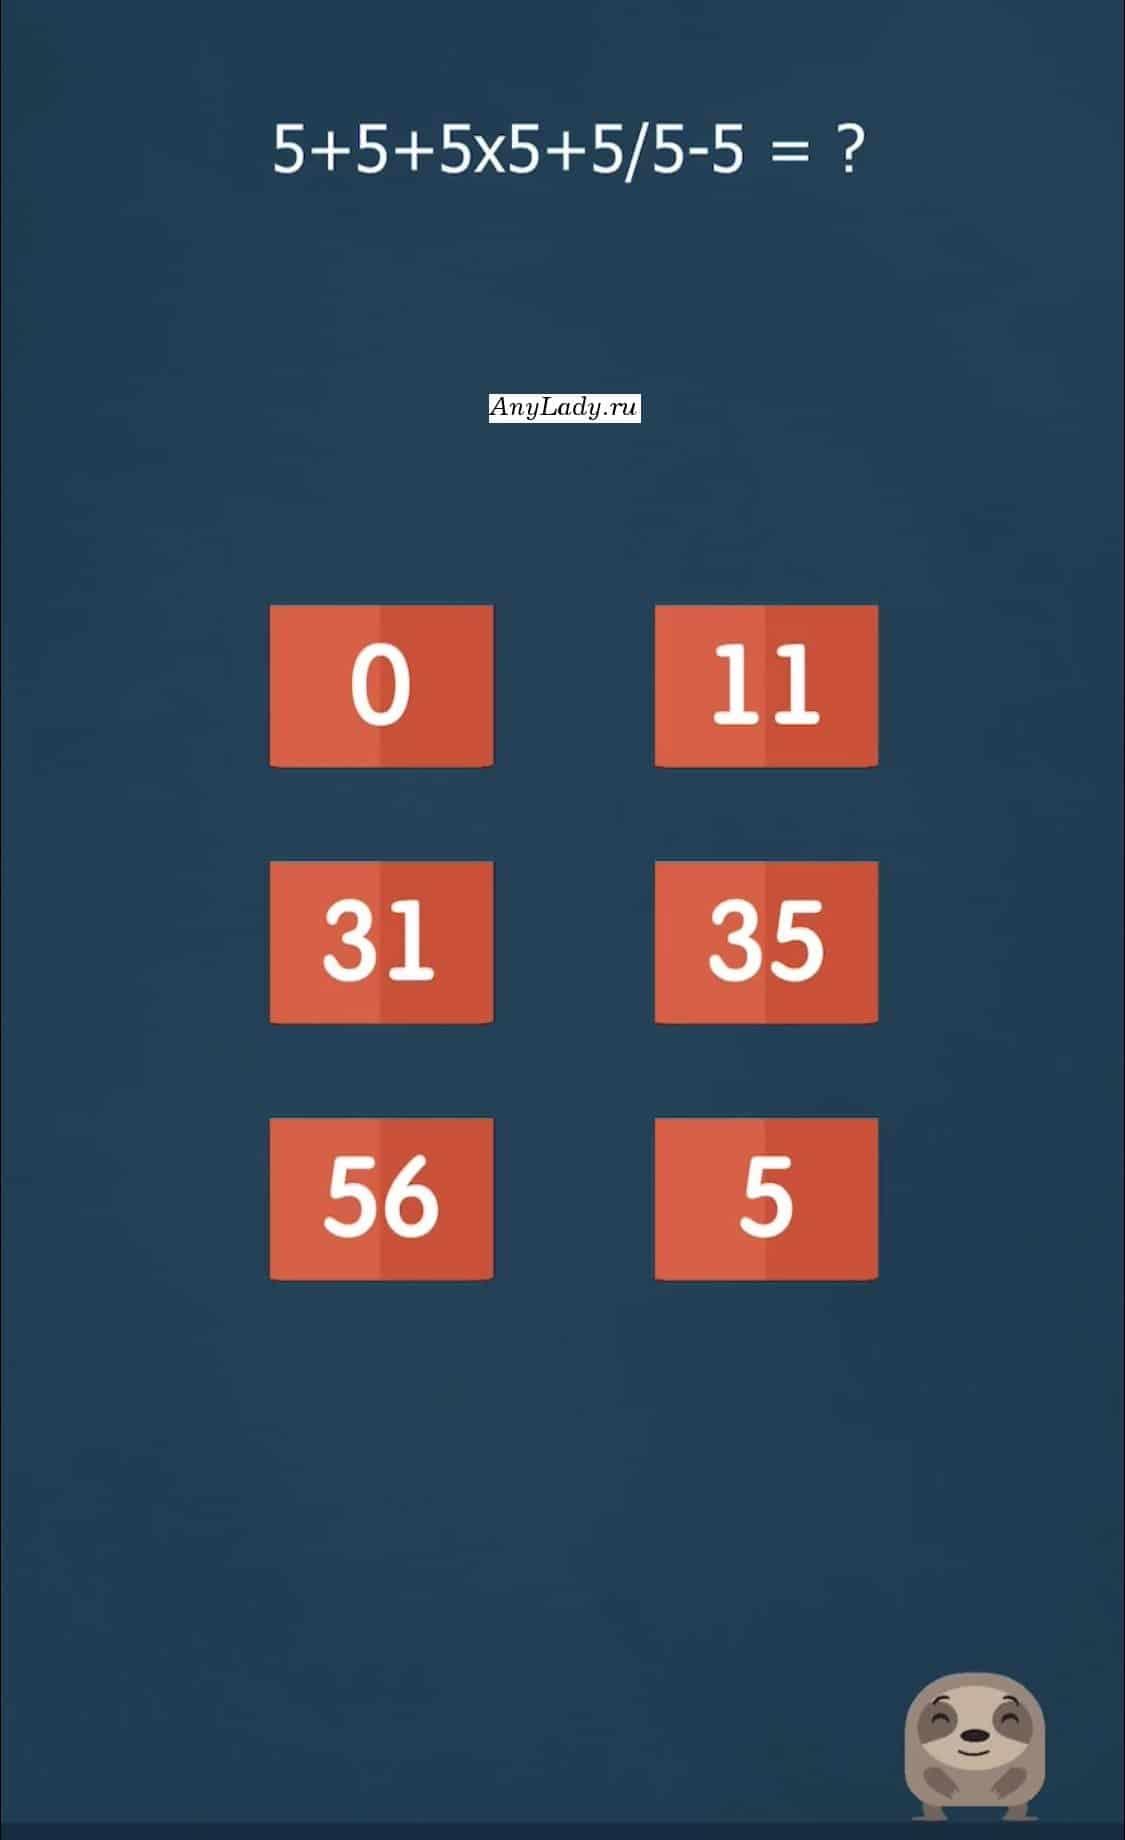 Правильный вариант: 31 - Тридцать один.